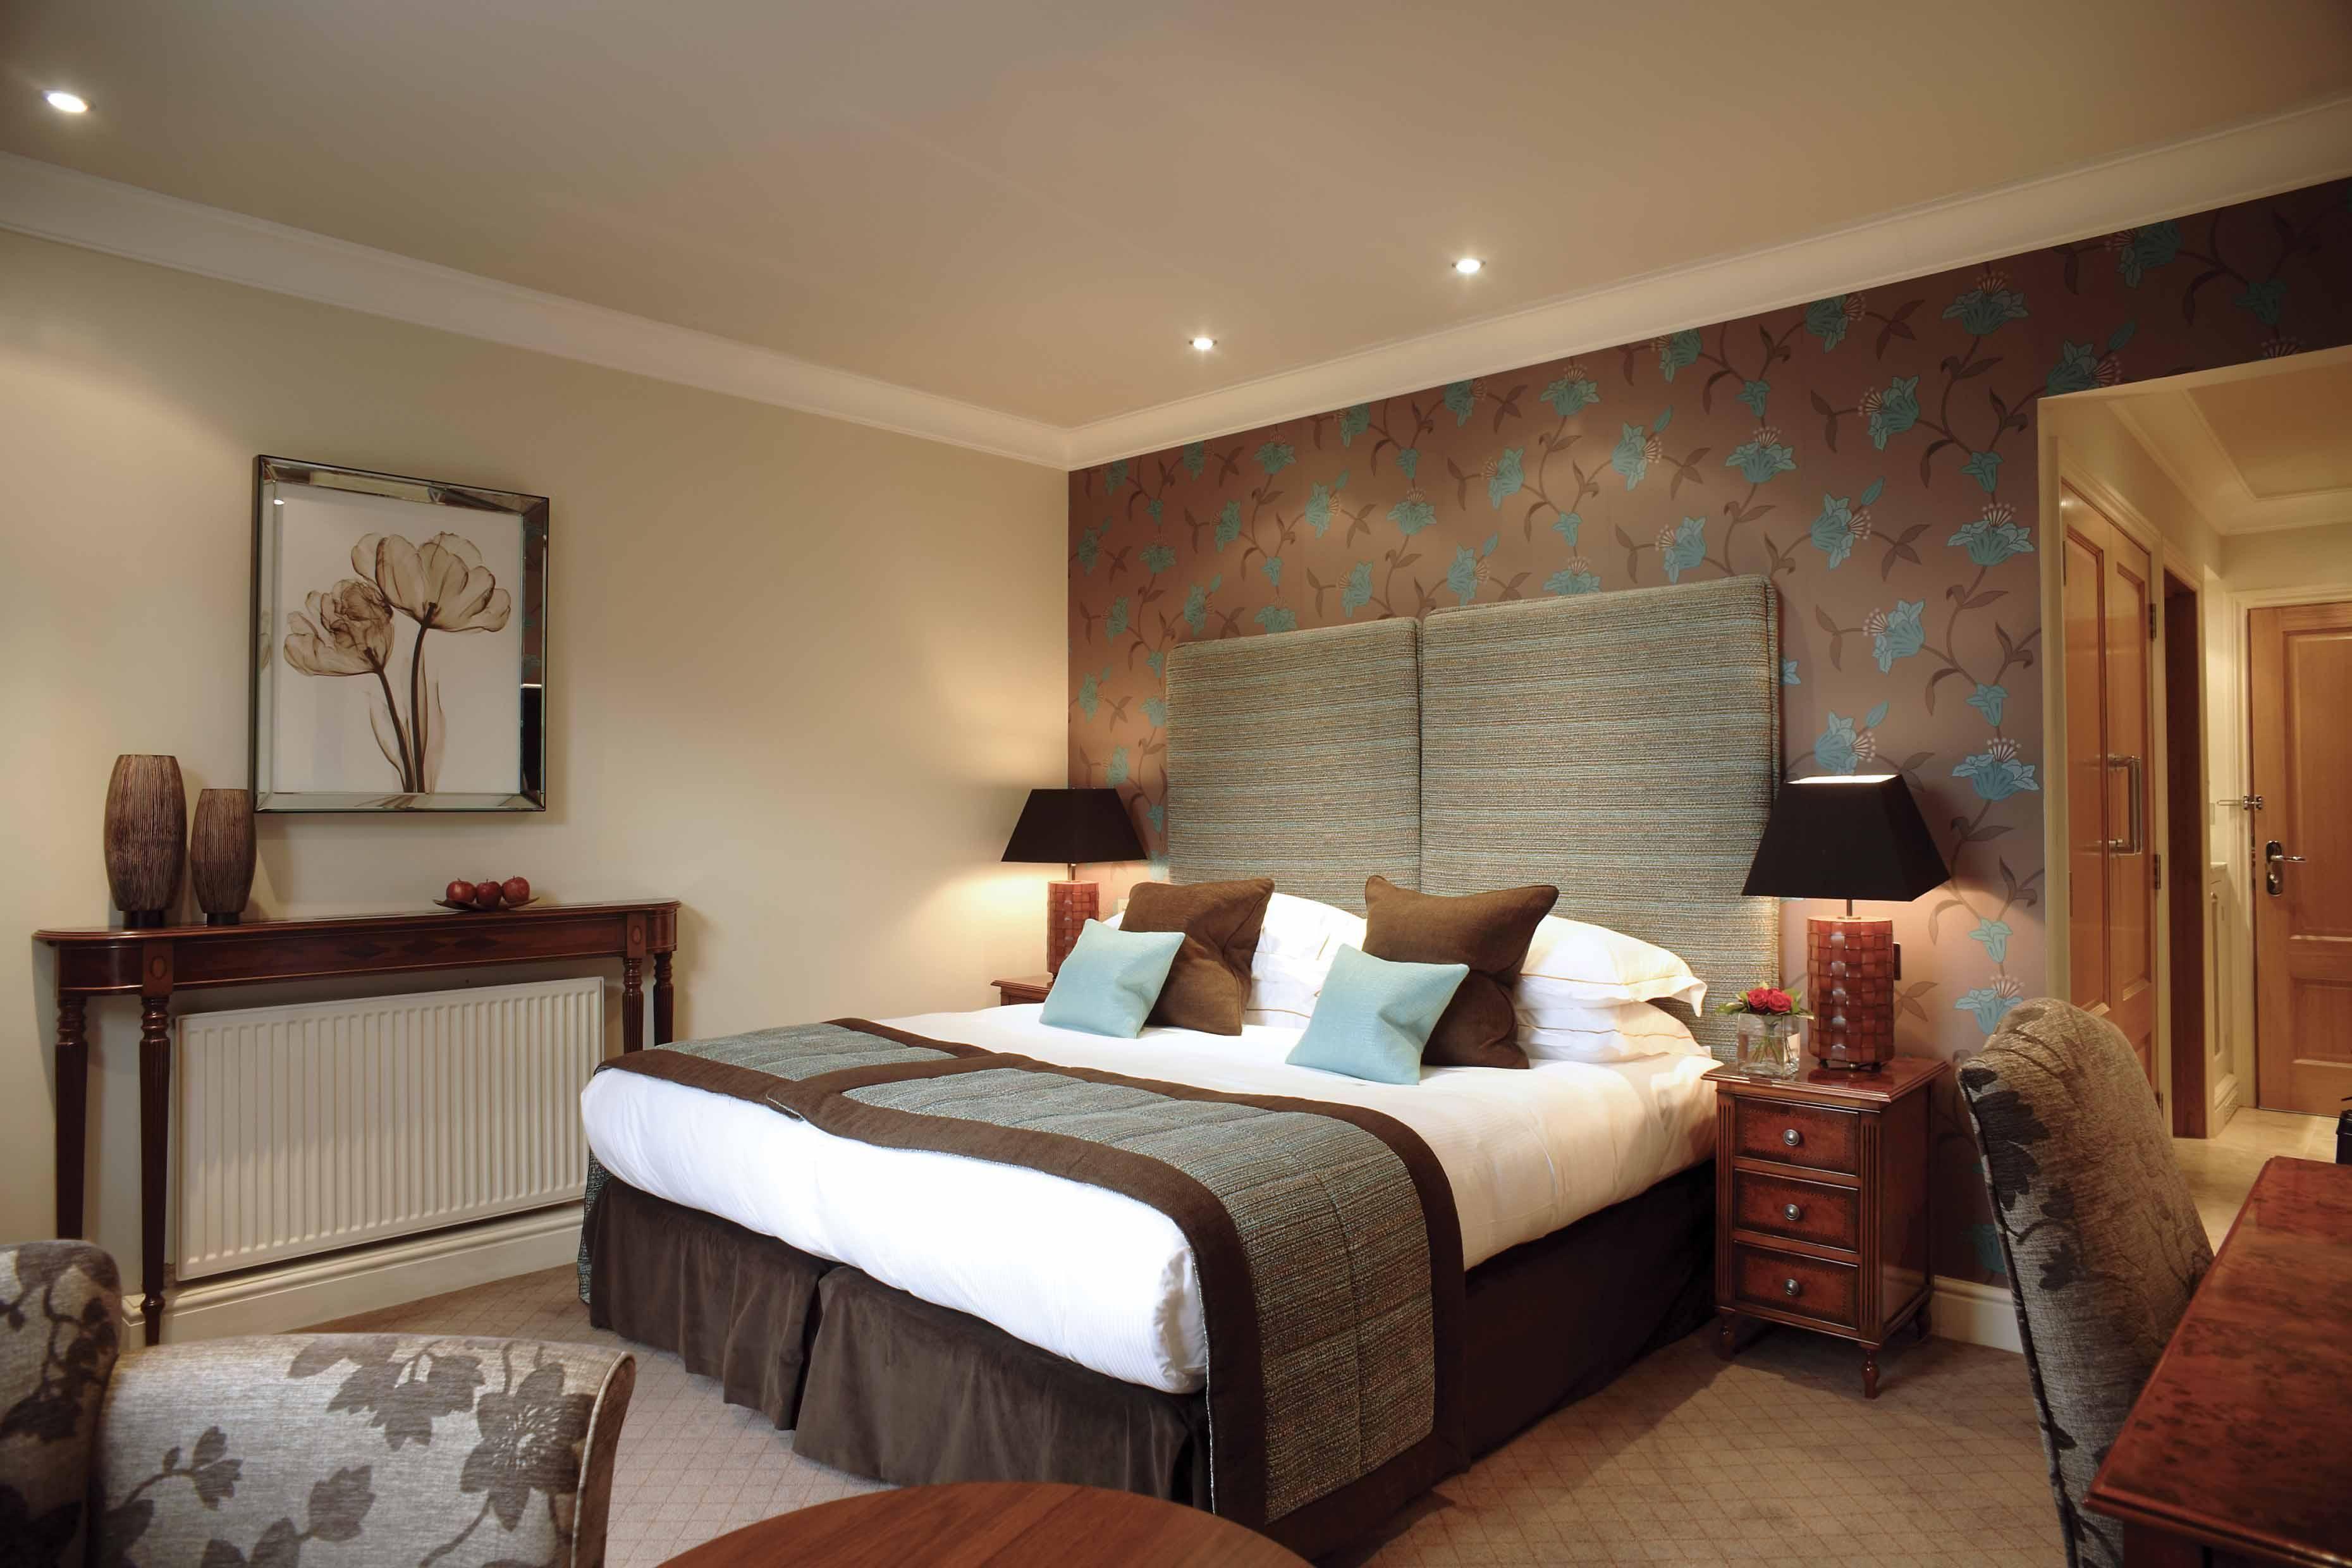 Innenarchitektur von schlafzimmermöbeln schlafzimmer designs für kleine räume modernes schlafzimmer designs